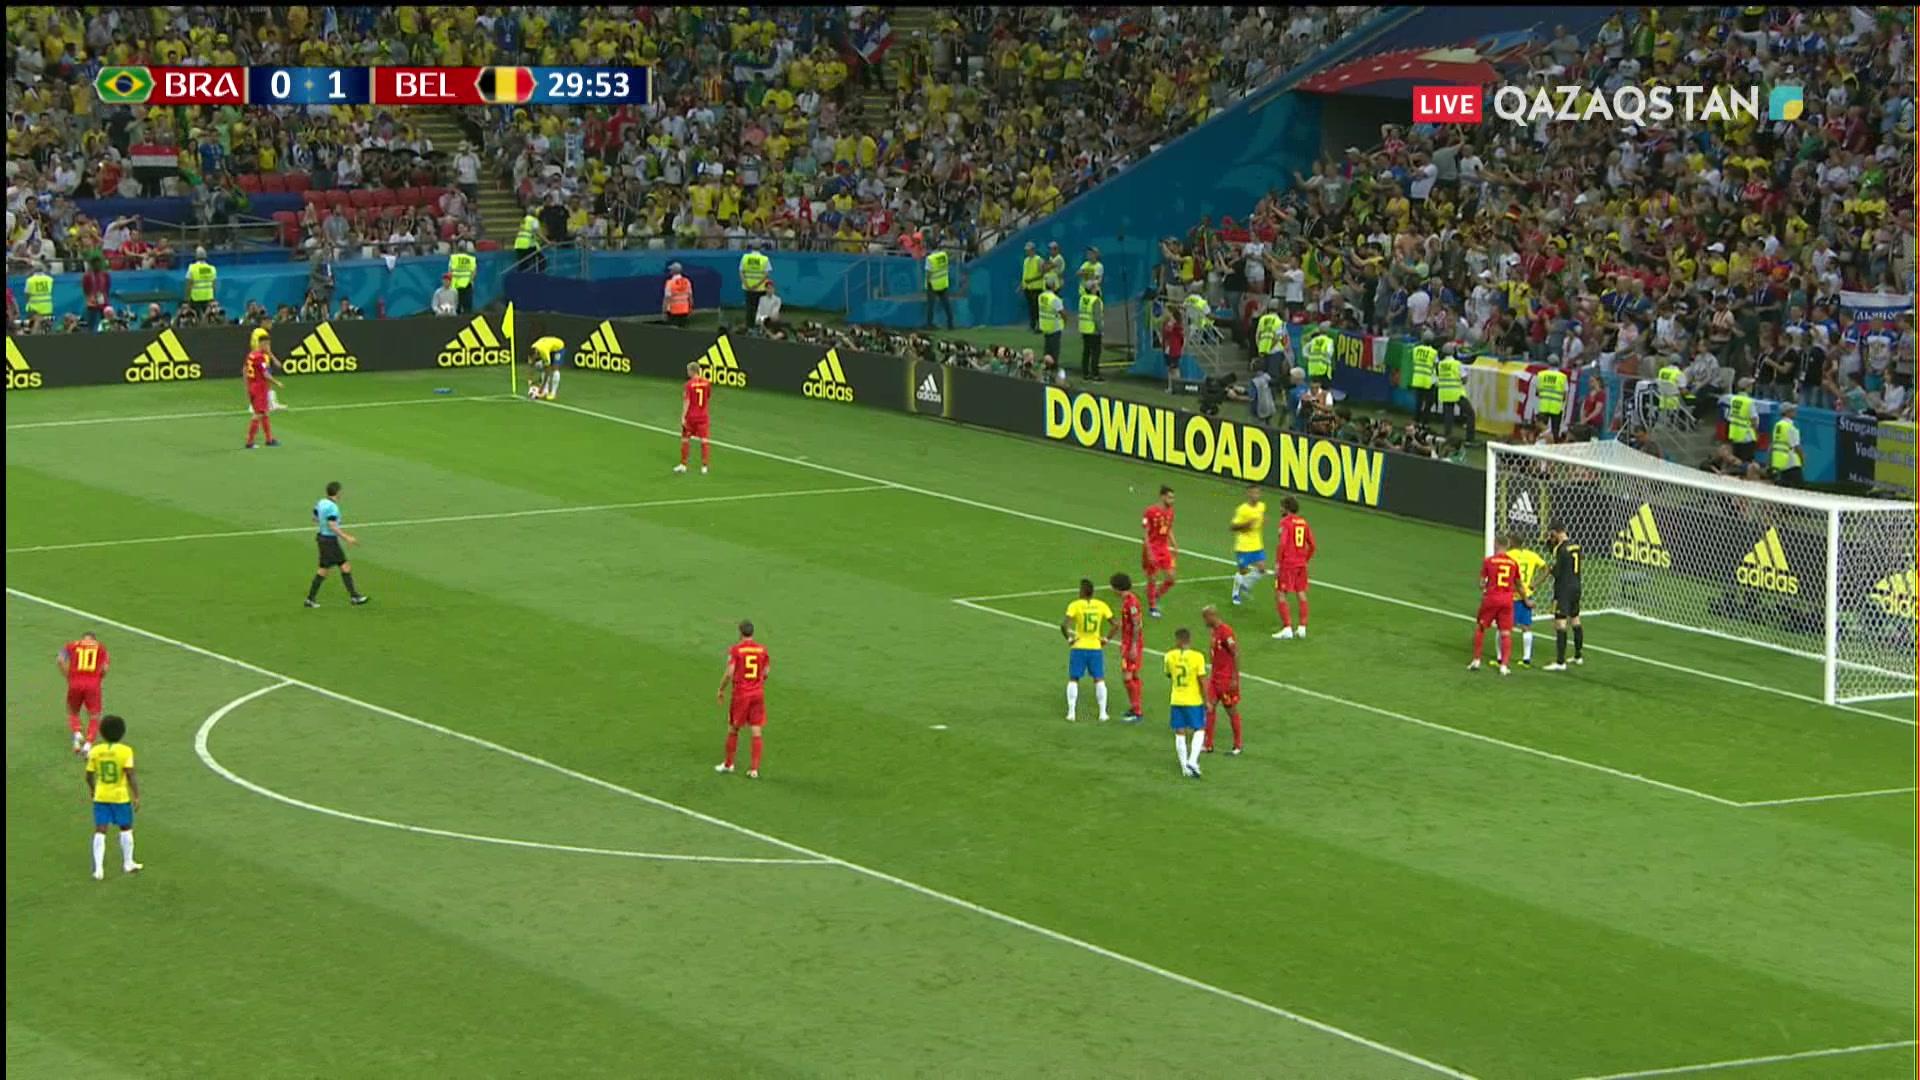 Бразилия – Бельгия - 0:2 | Әлем Чемпионаты 2018:  31* Де Брюйне есепті еселей түсті